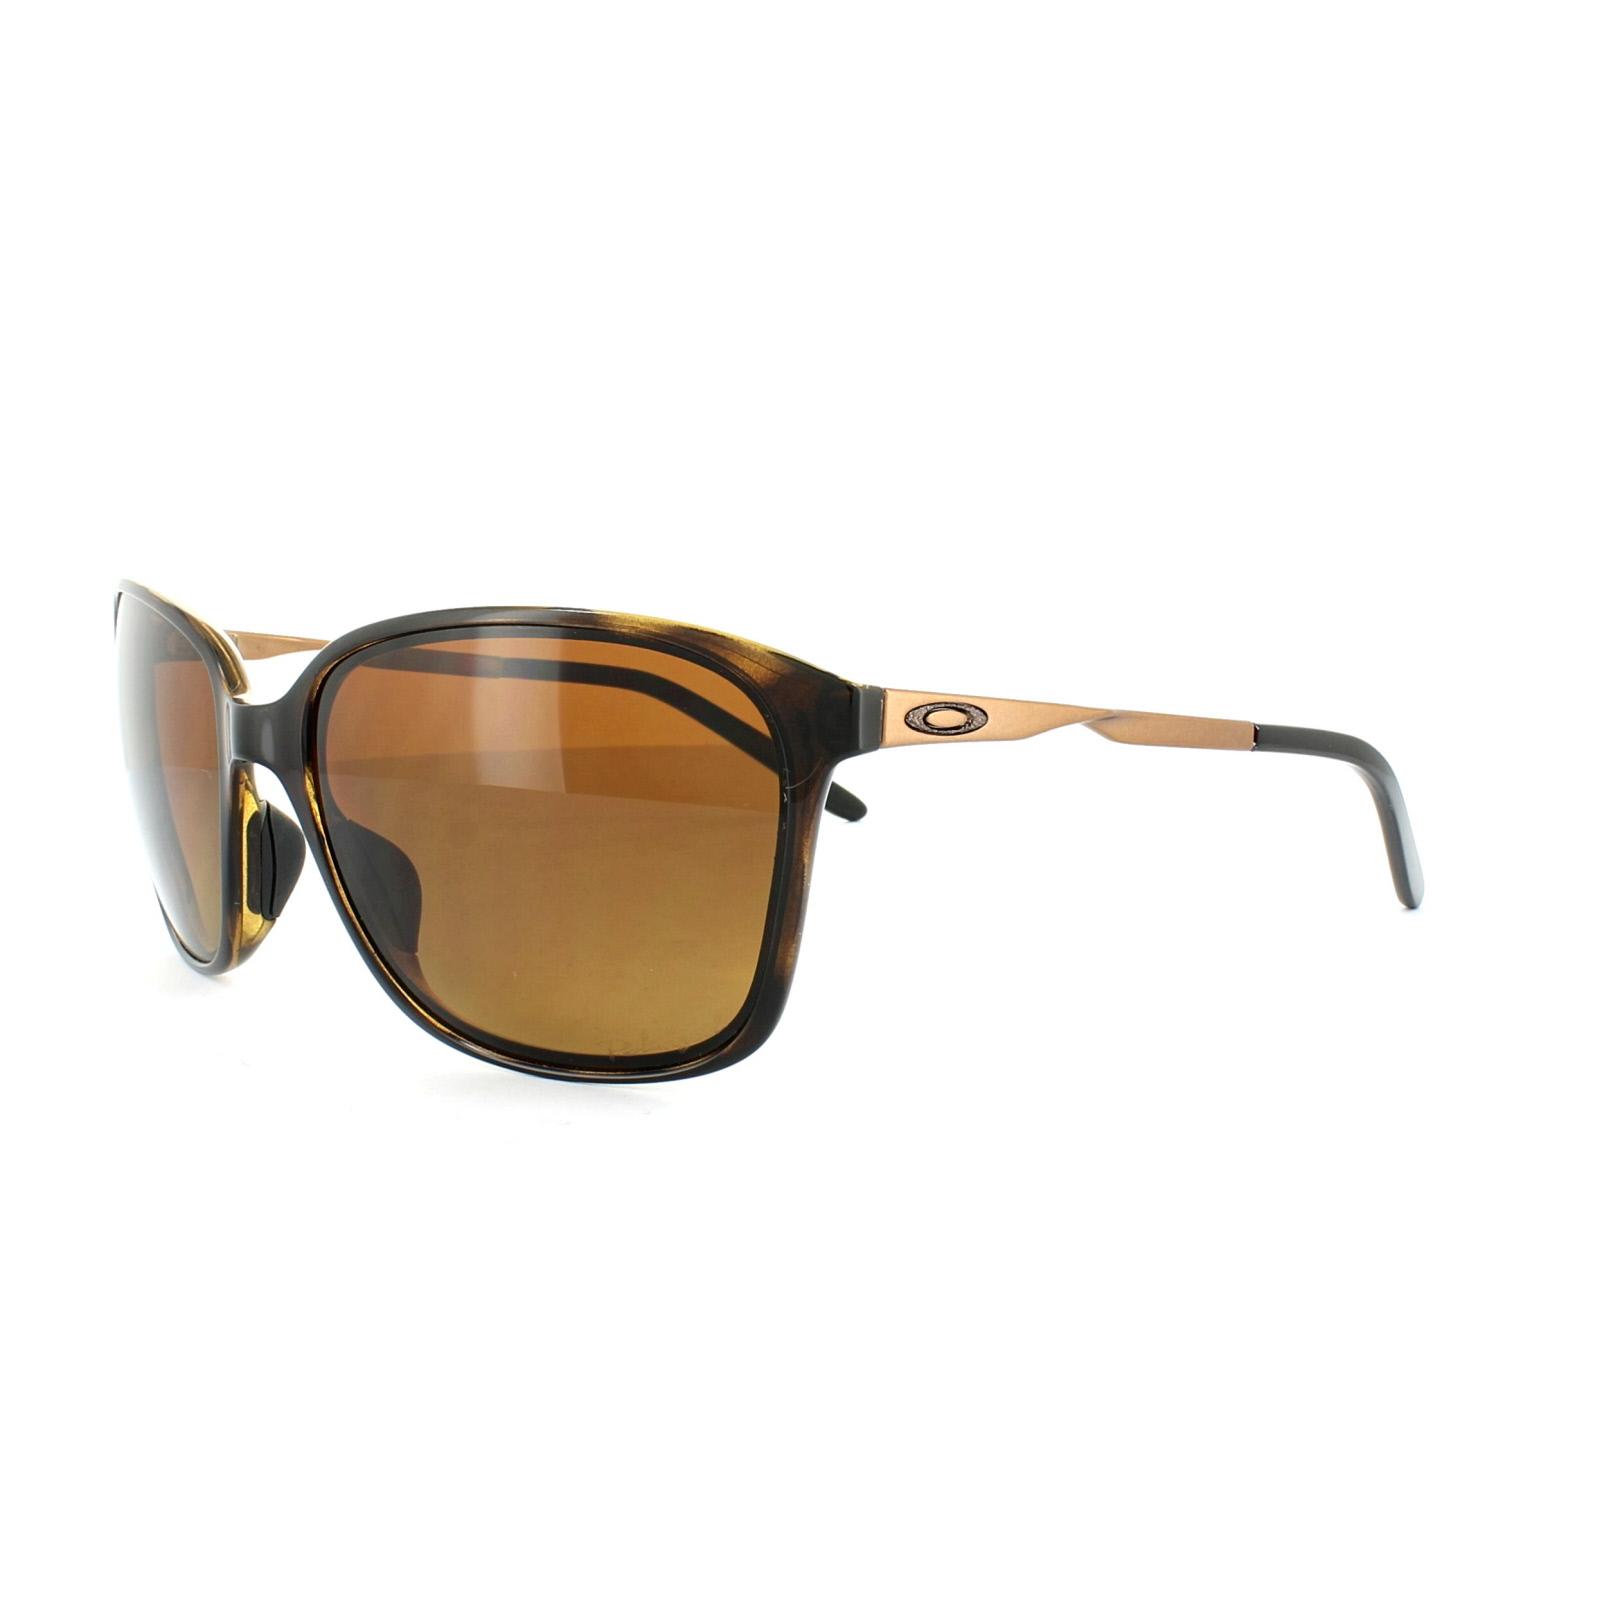 Frame Changers Eyeglasses : Oakley Sunglasses Game Changer Tortoise Rose Gold Brown ...